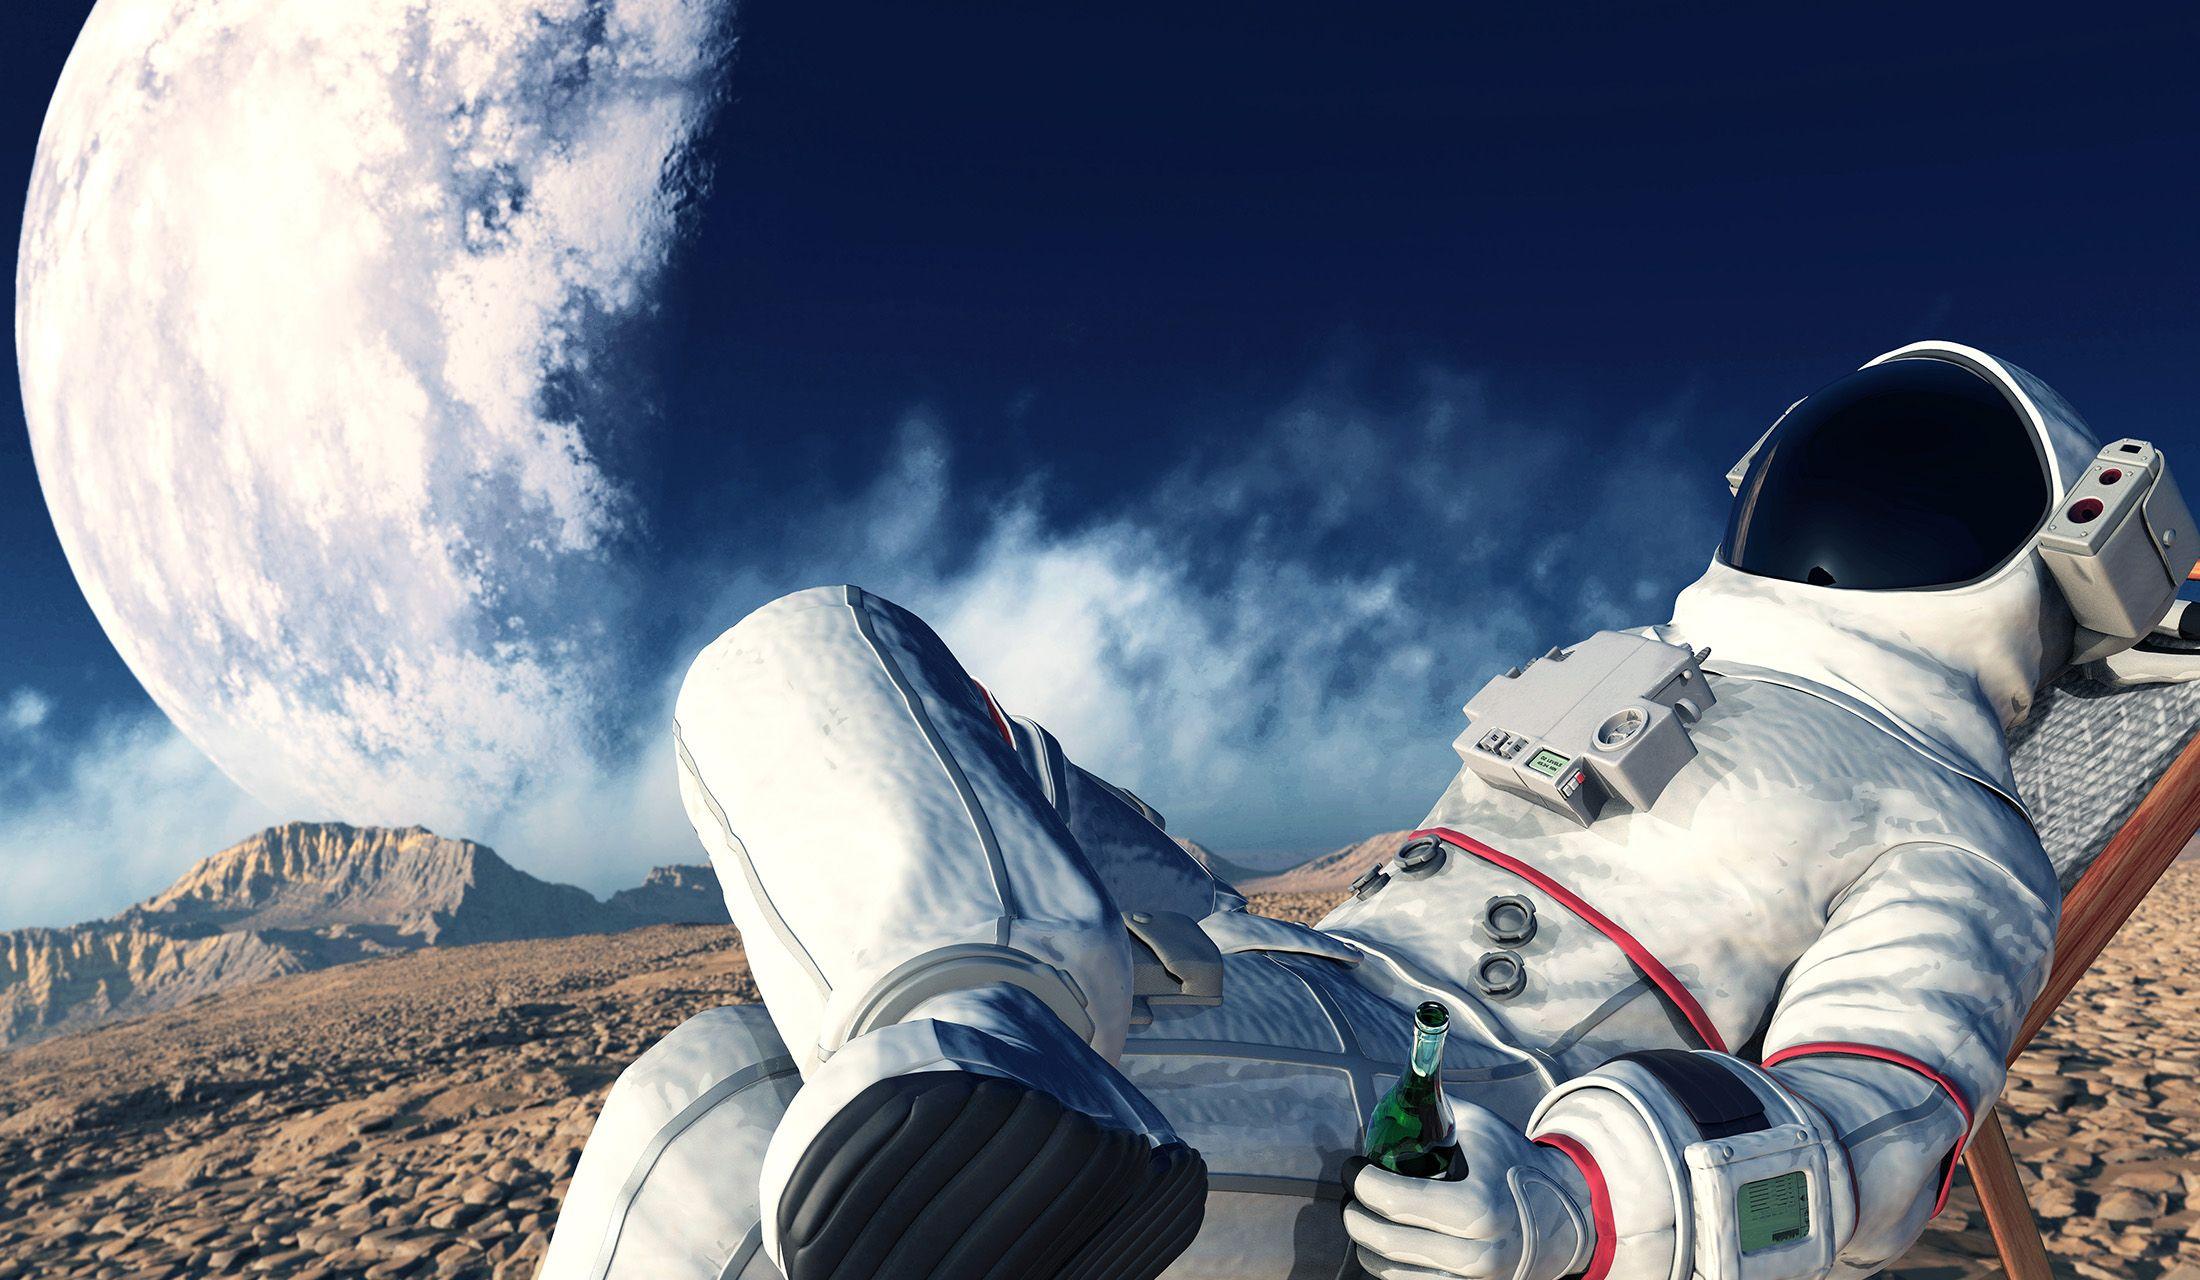 月面で地球を眺めながらカールスバーグを飲んでくつろぐ宇宙飛行士